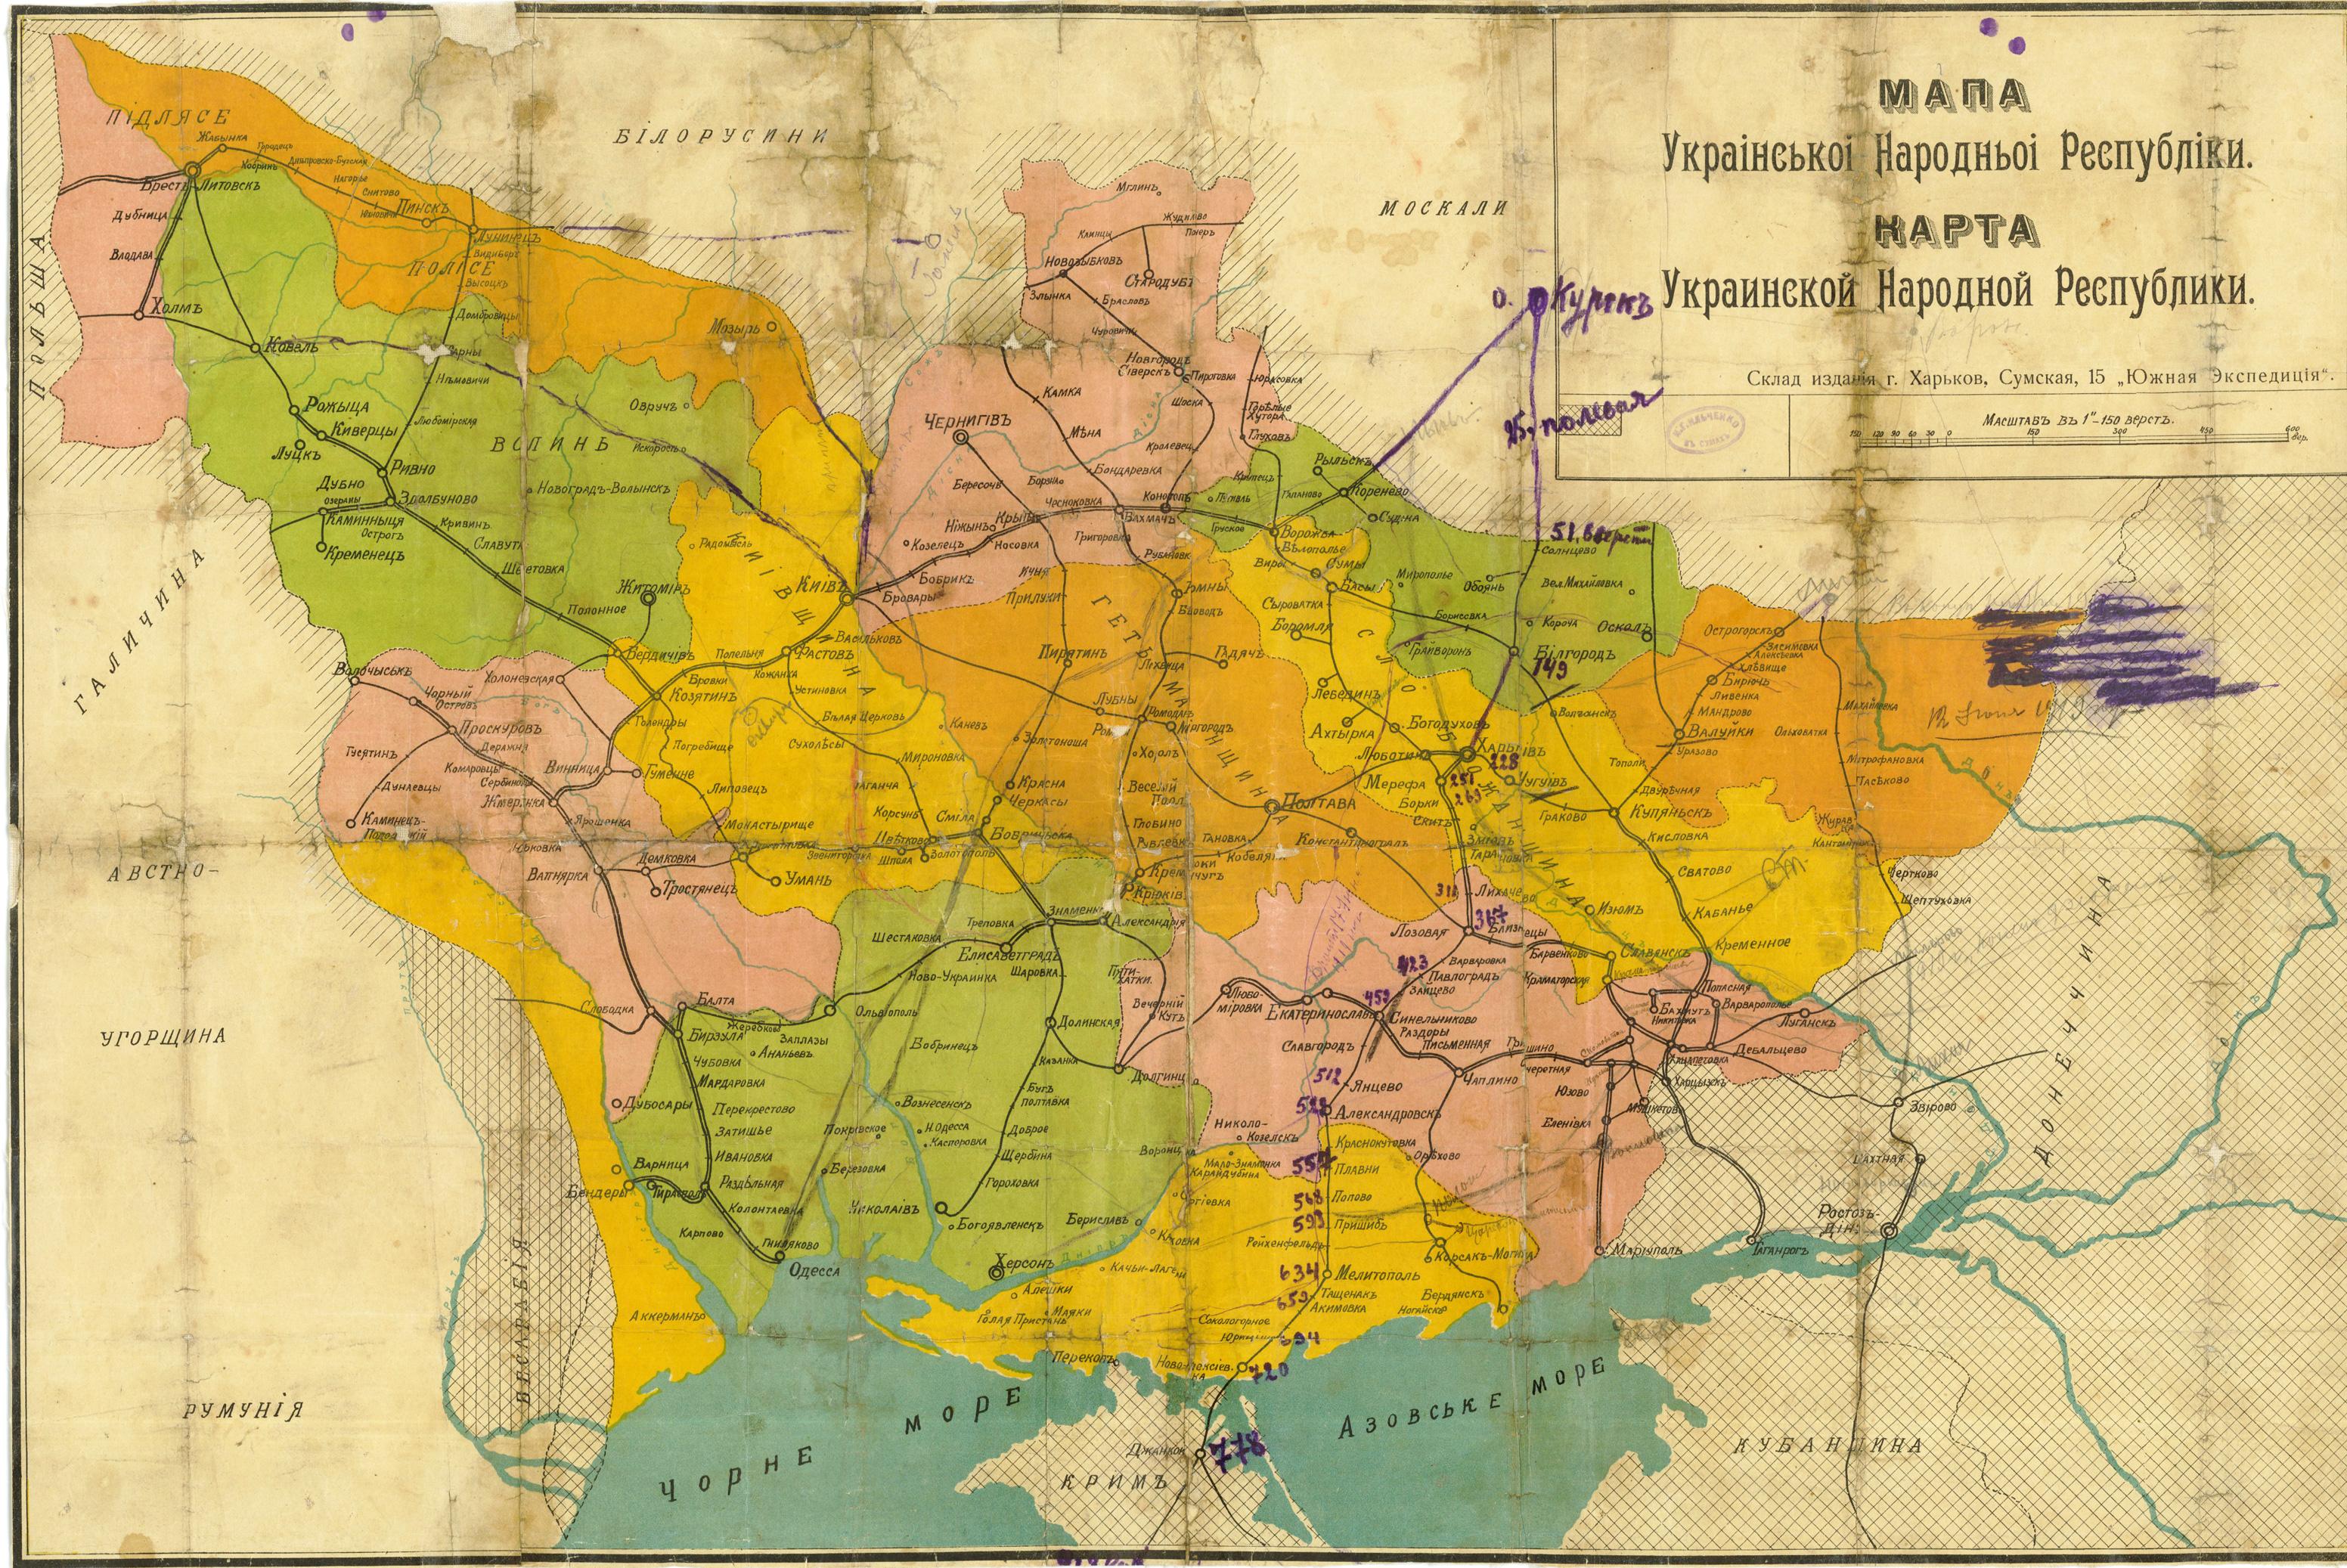 Українська Народна Республіка. Харків, 1918